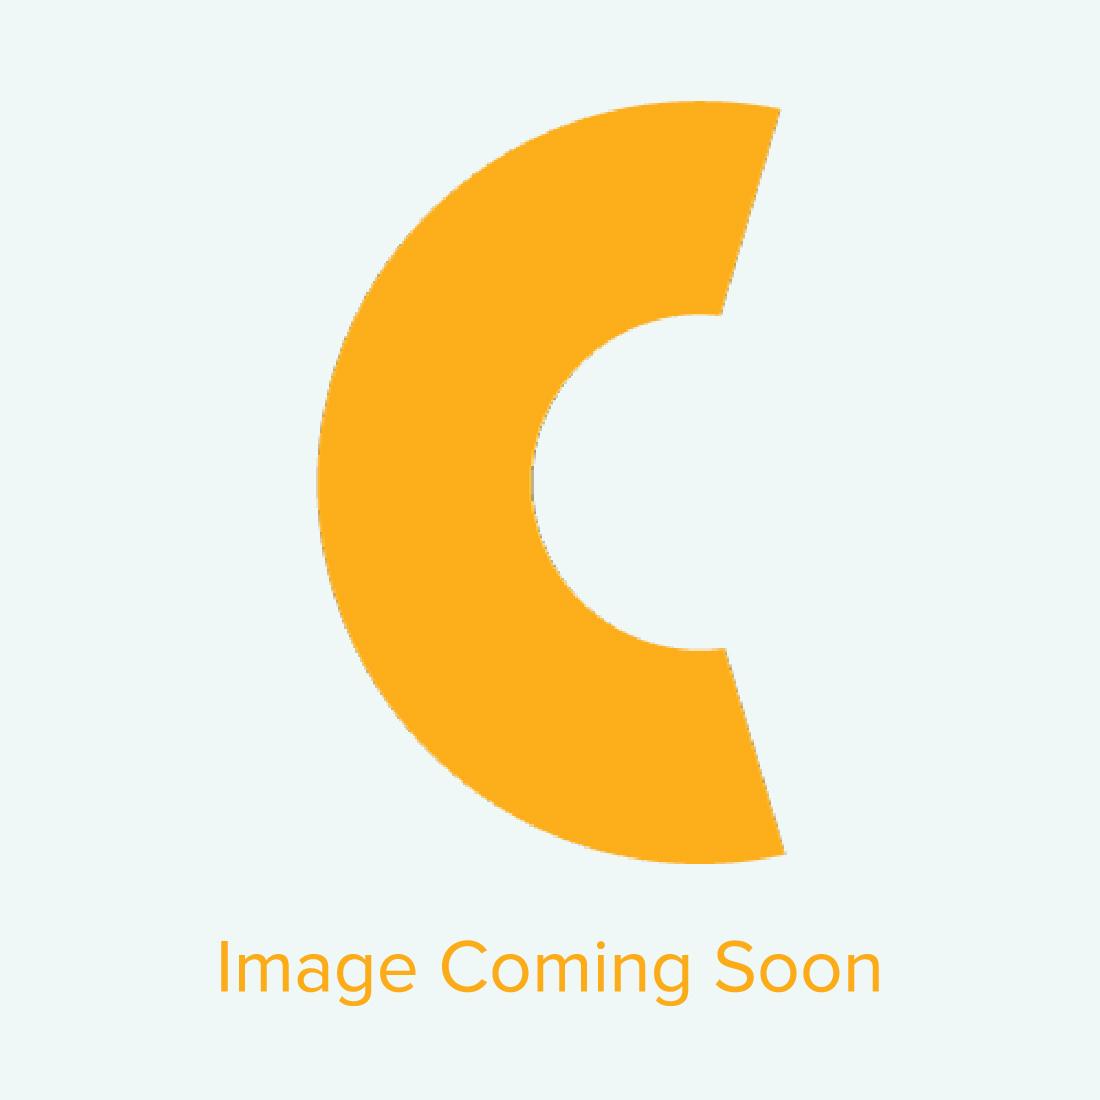 """Geo Knight Digital Clamshell Heat Press Machine (DK16 model) - 14"""" x 16"""""""